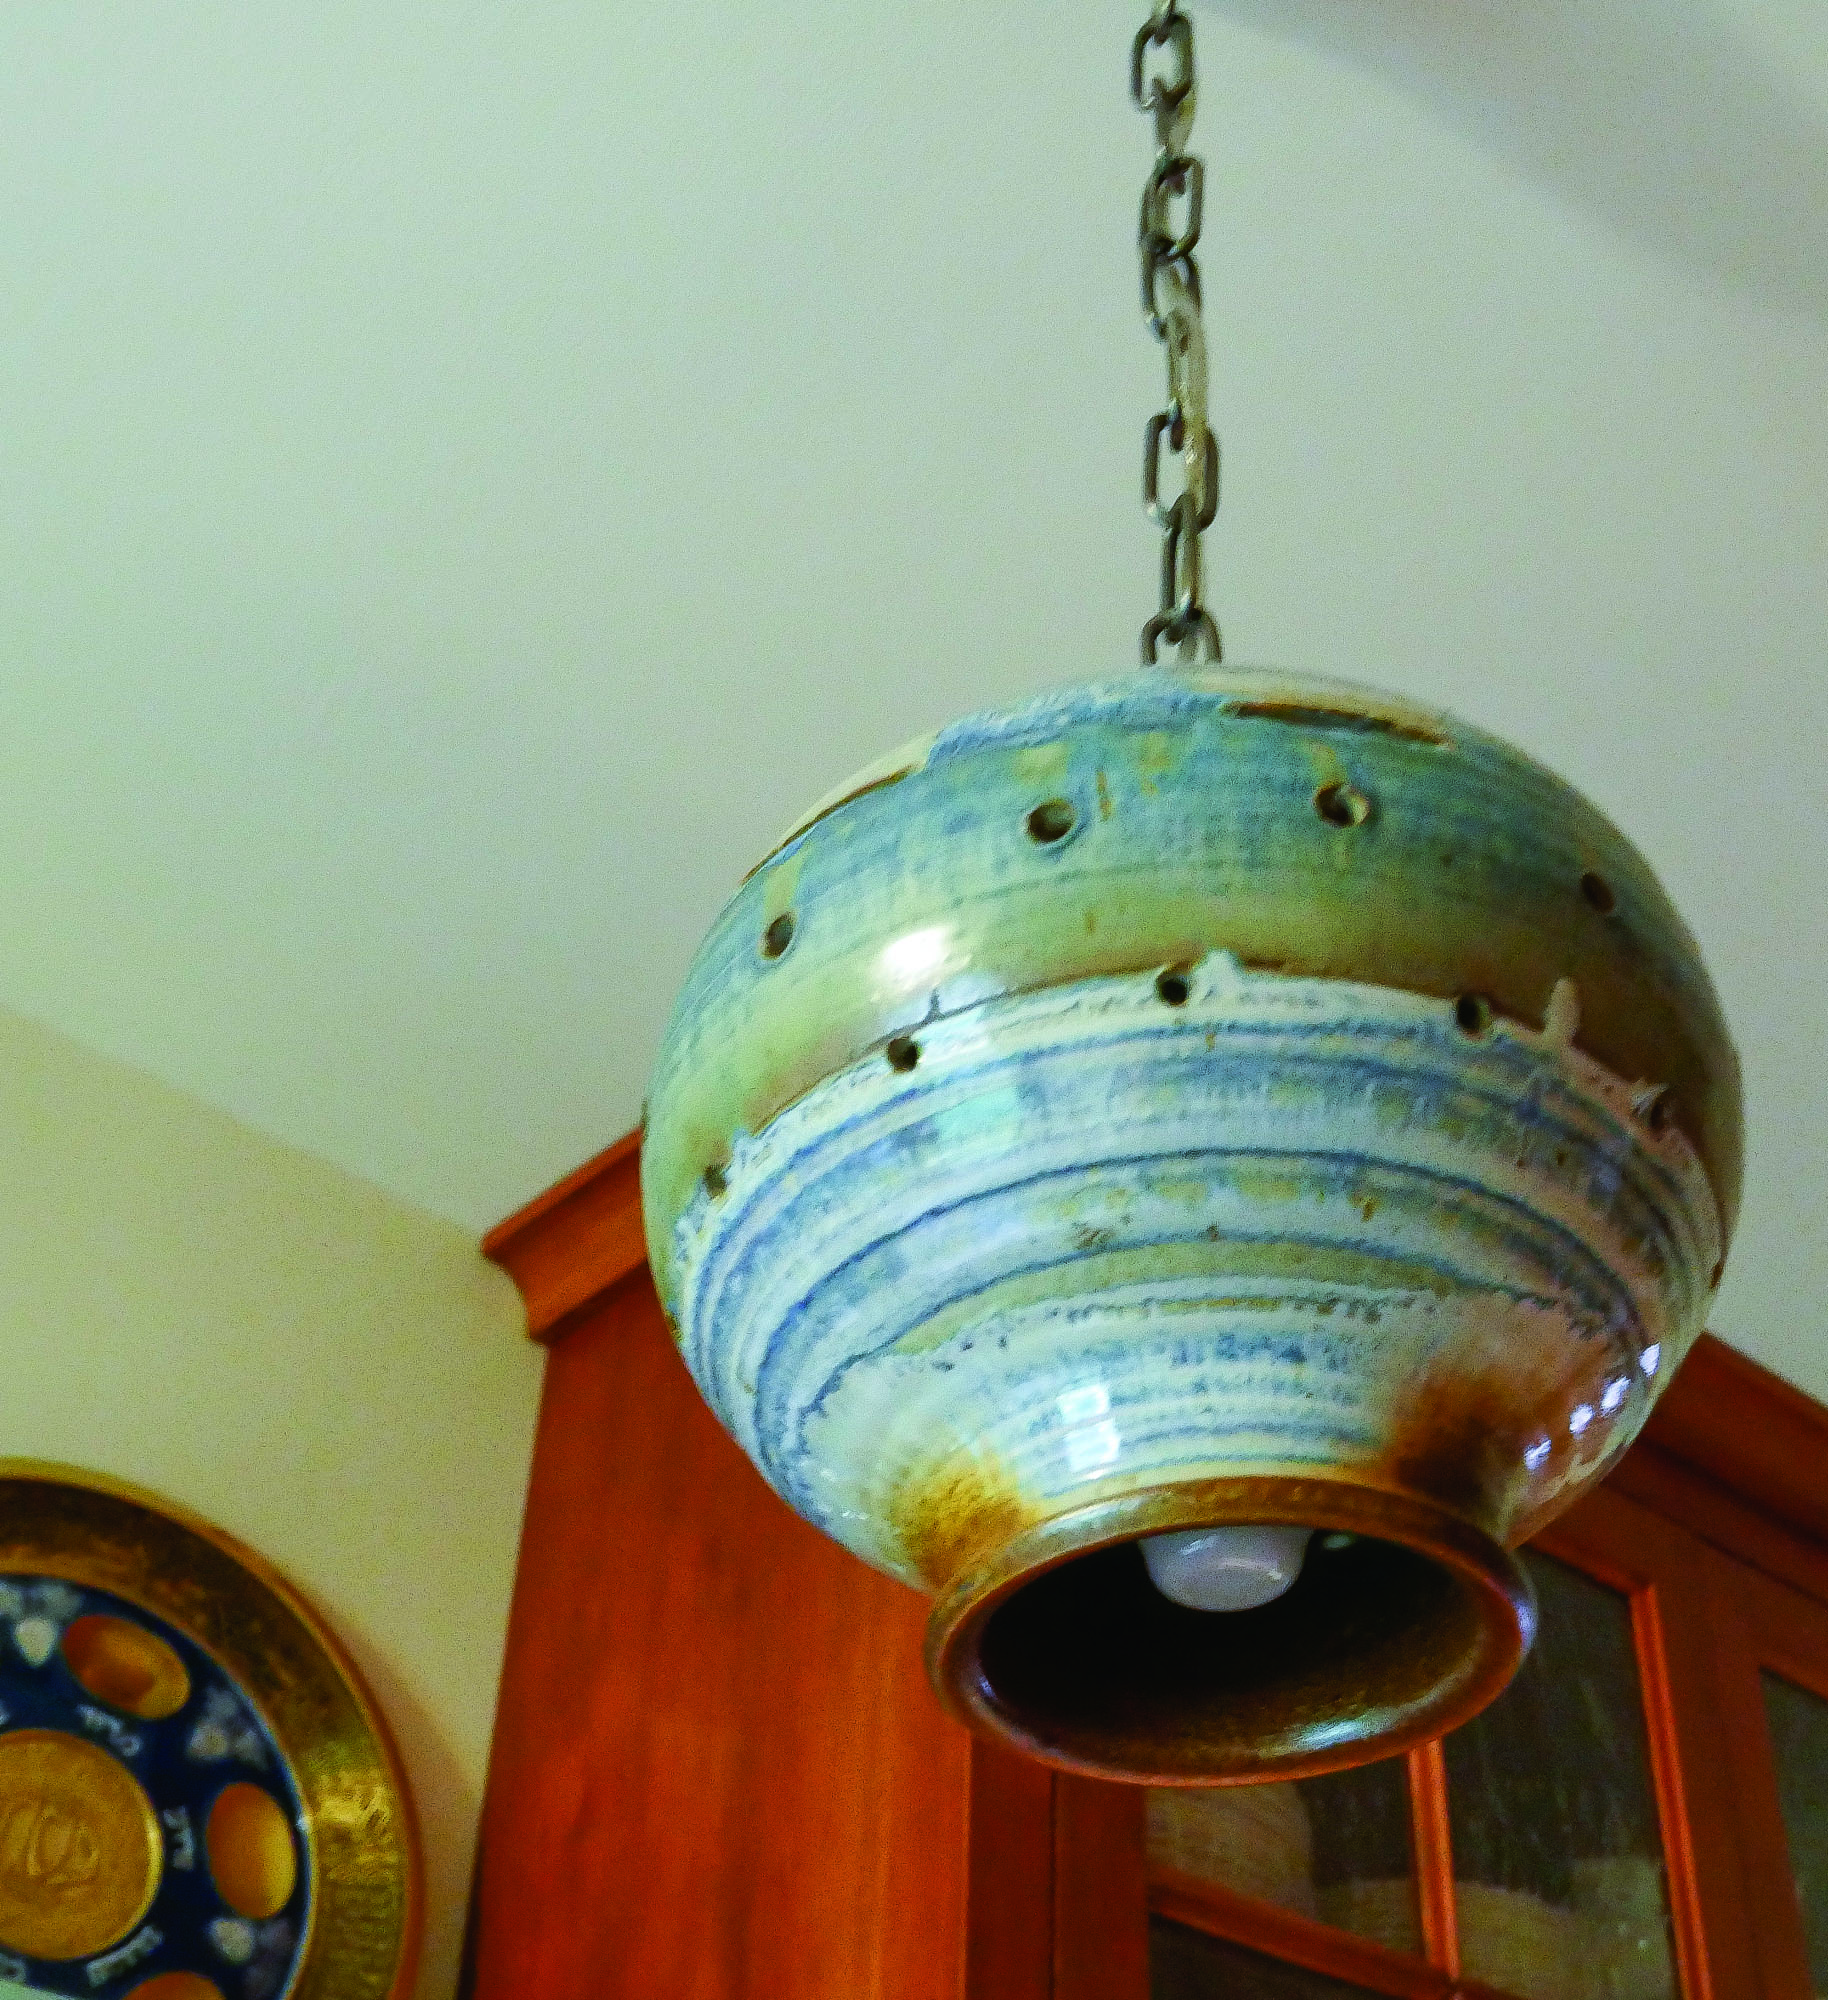 3 pottery lamp-cbates-17aj_2090351_gn